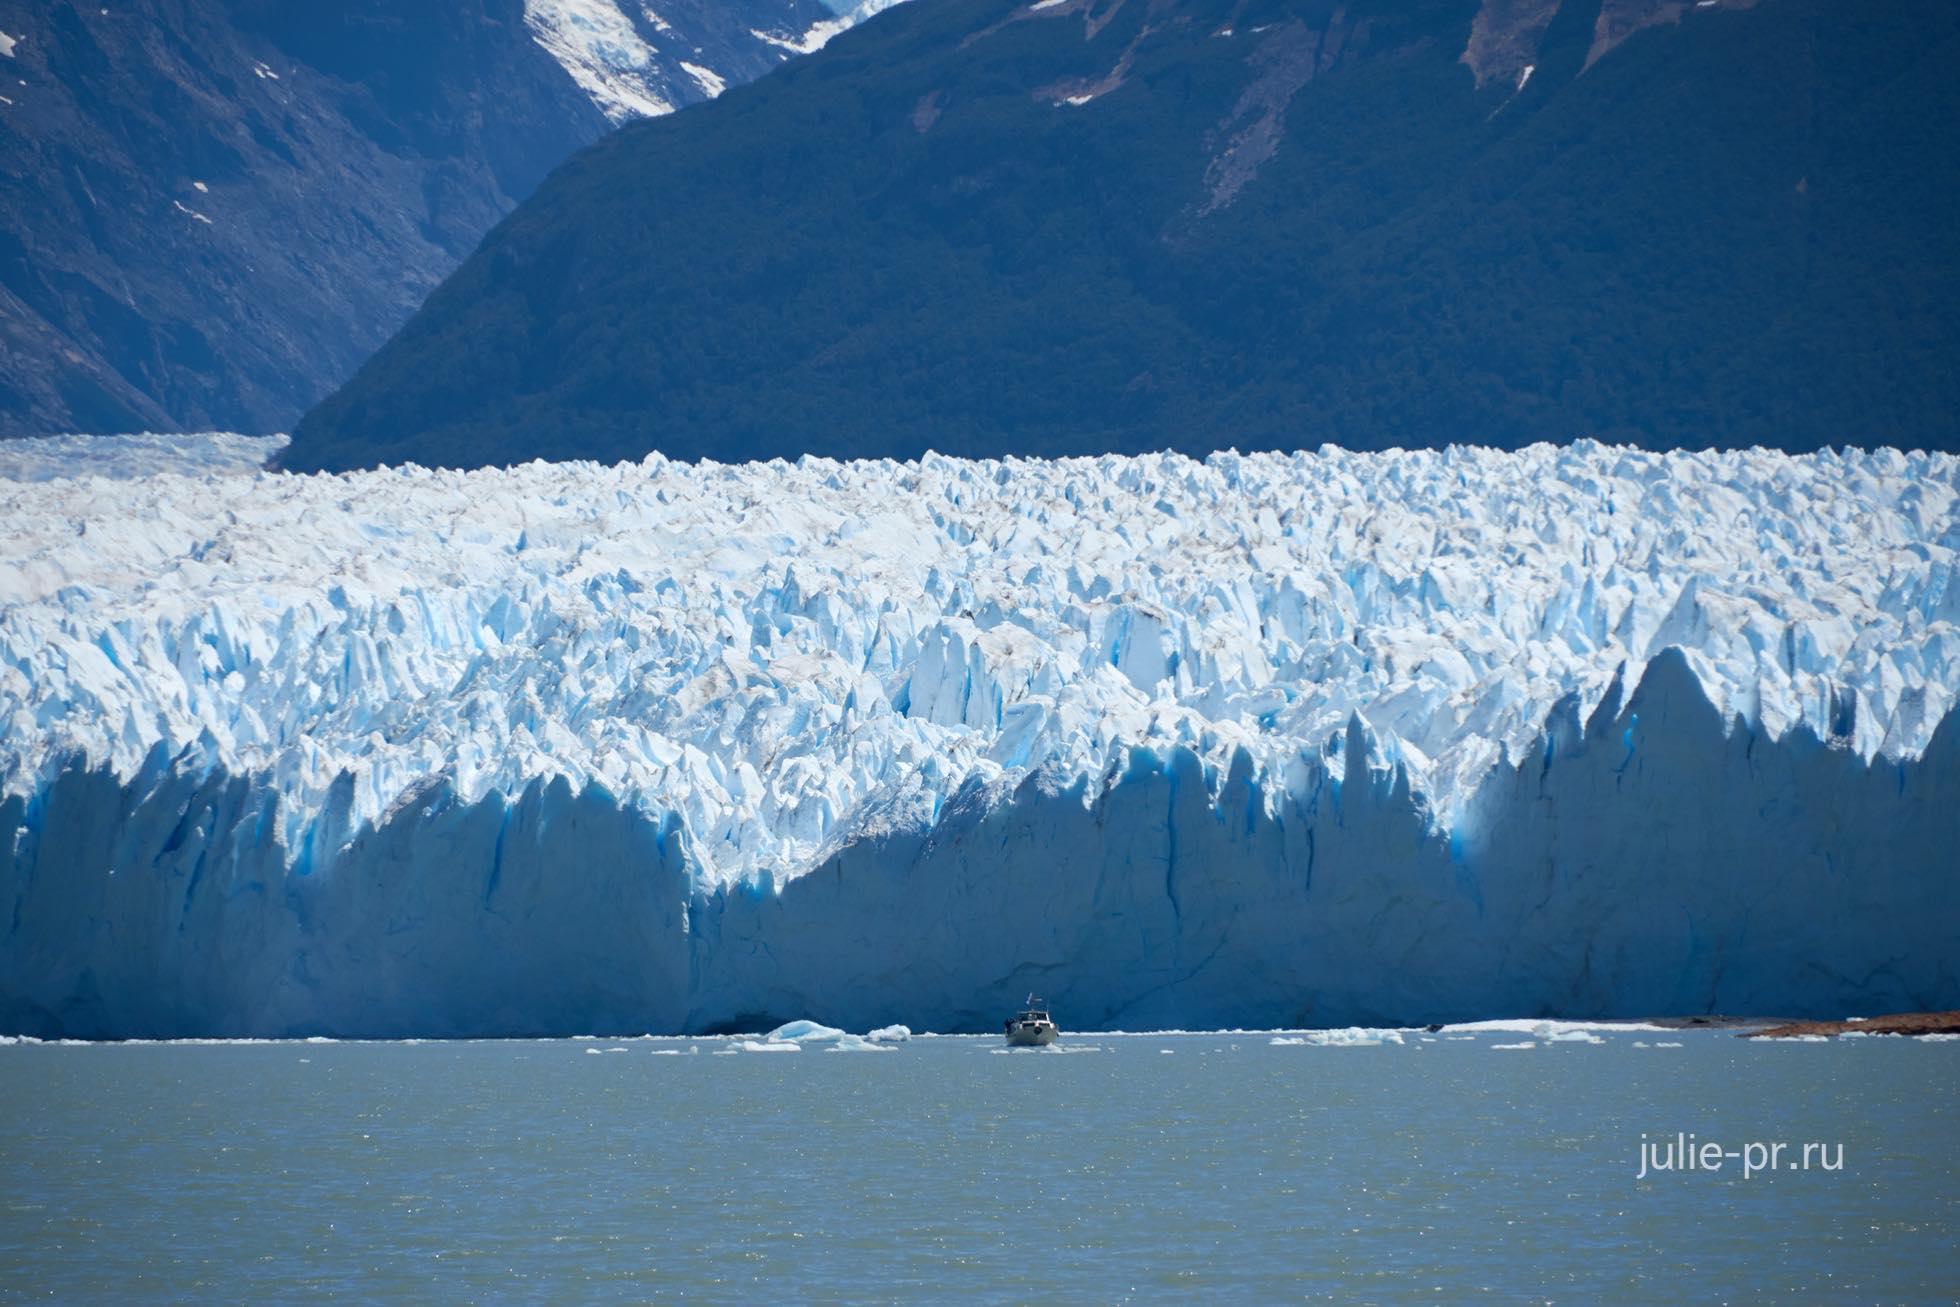 Аргентина, Патагония, ледник Перито-Морено